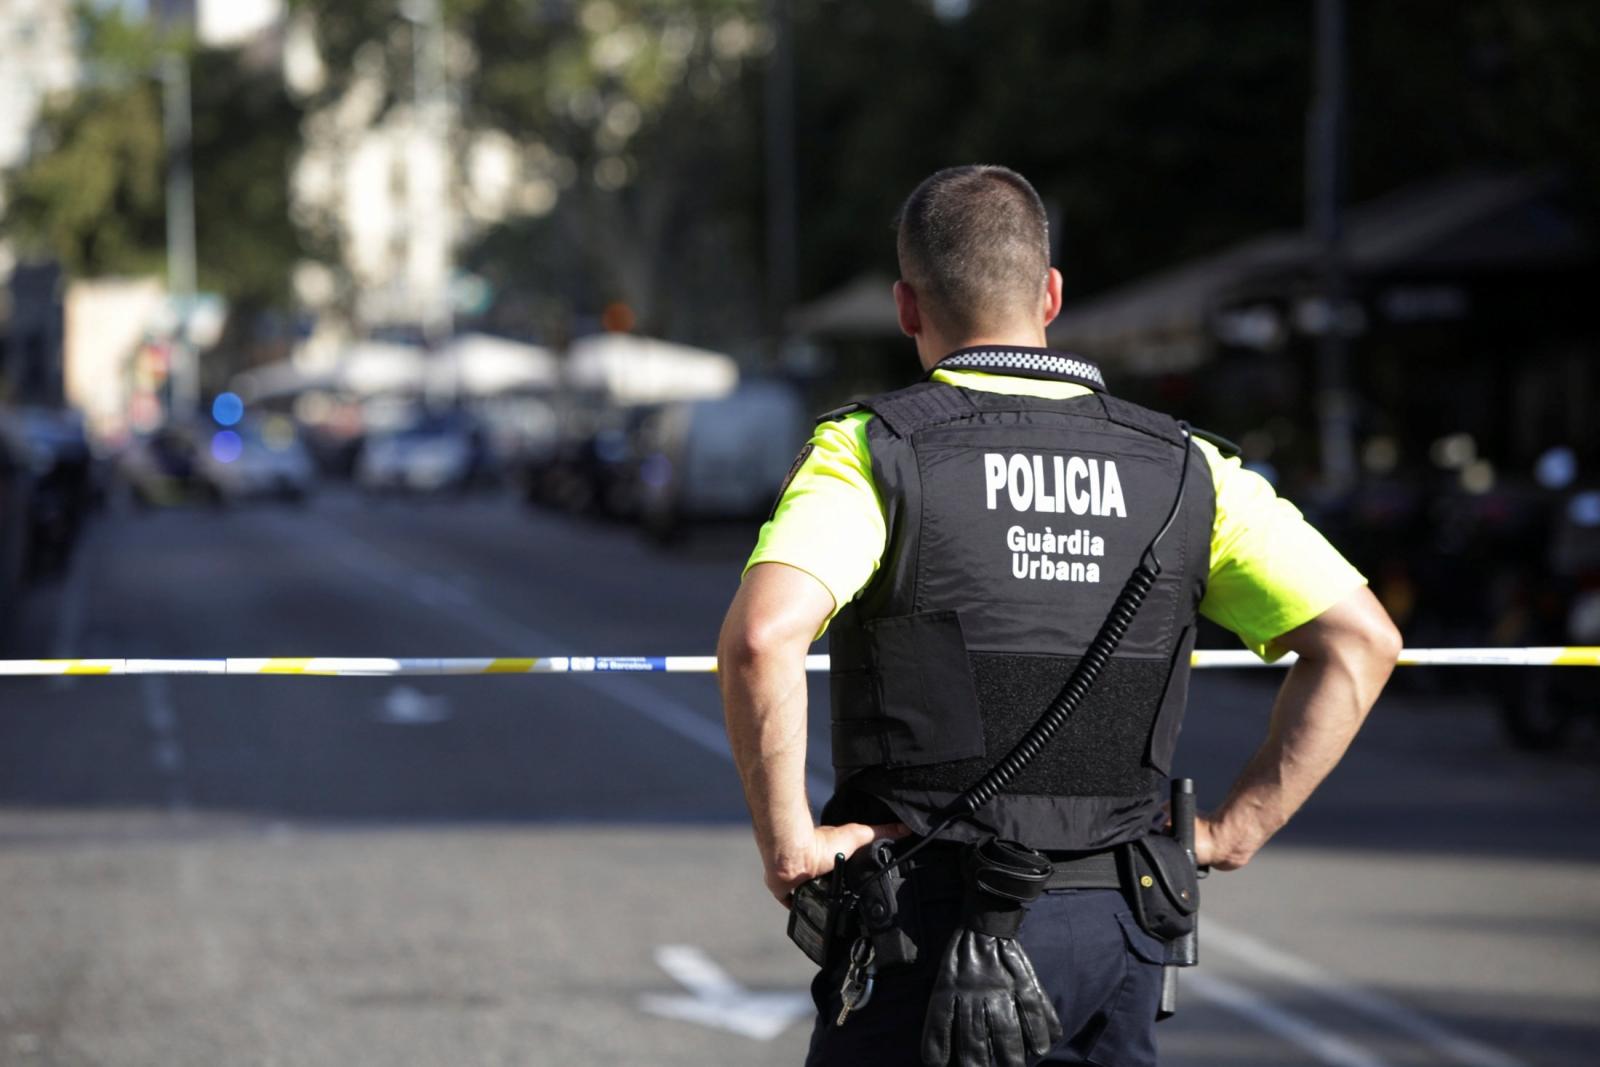 witness-describes-panic-on-barcelonas-las-ramblas-as-police-close-area